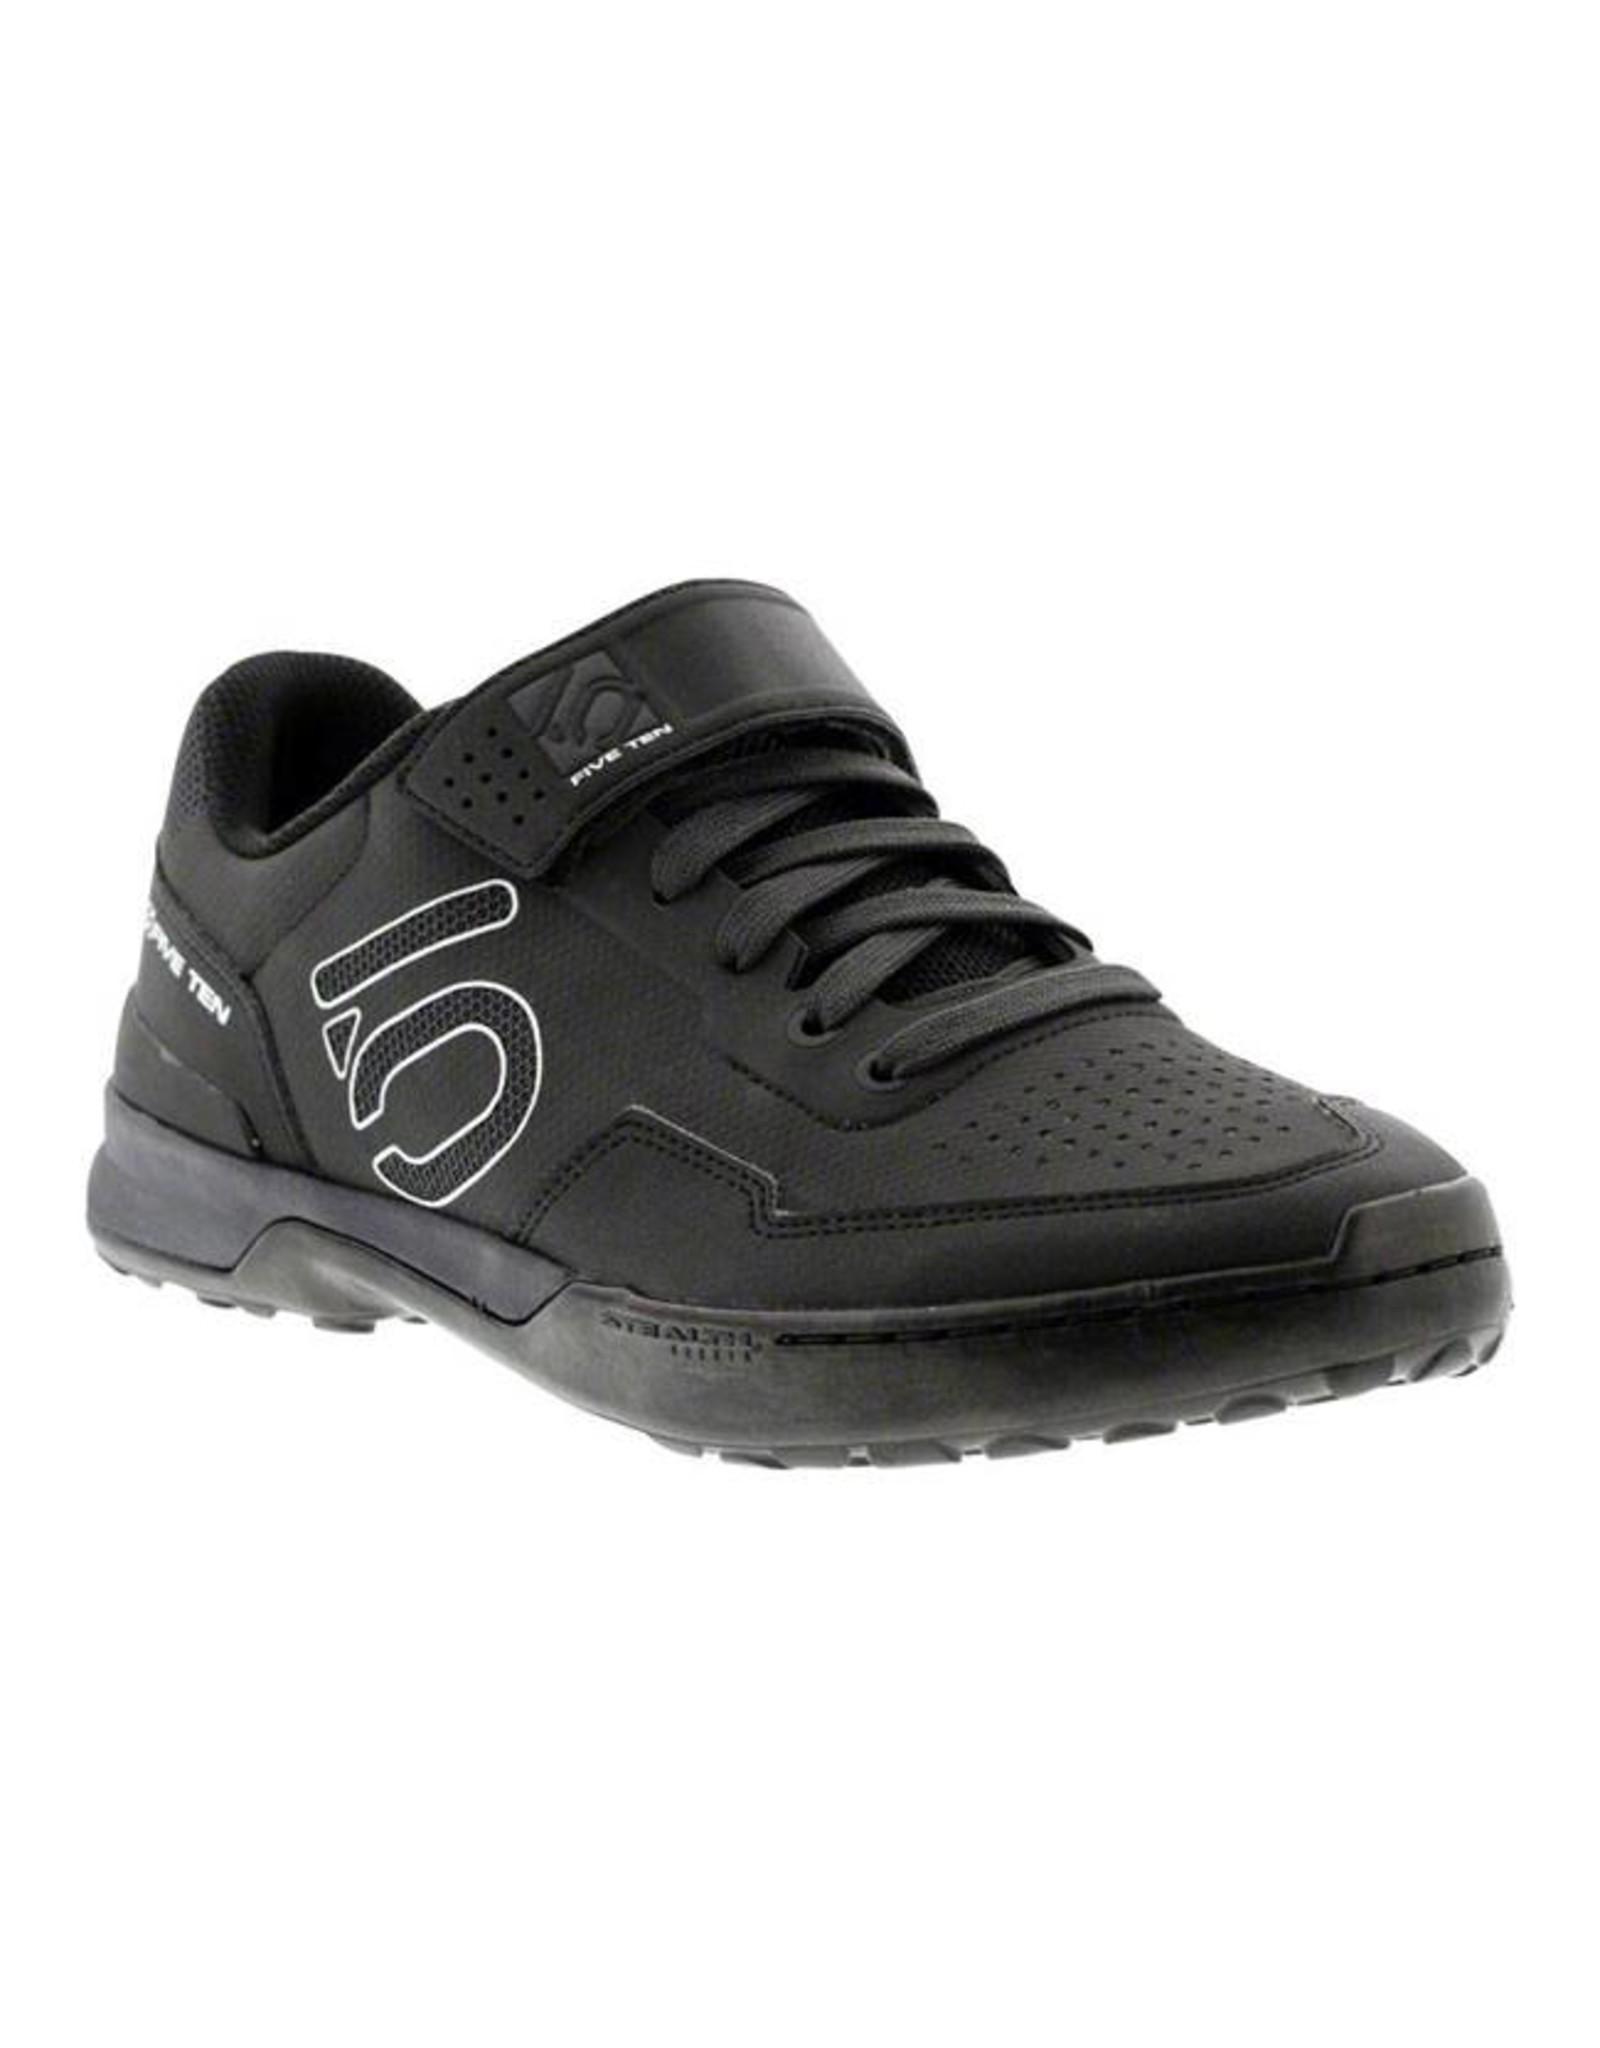 Five Ten Five Ten Kestrel Lace Men's Clipless Shoe: Black Carbon 13